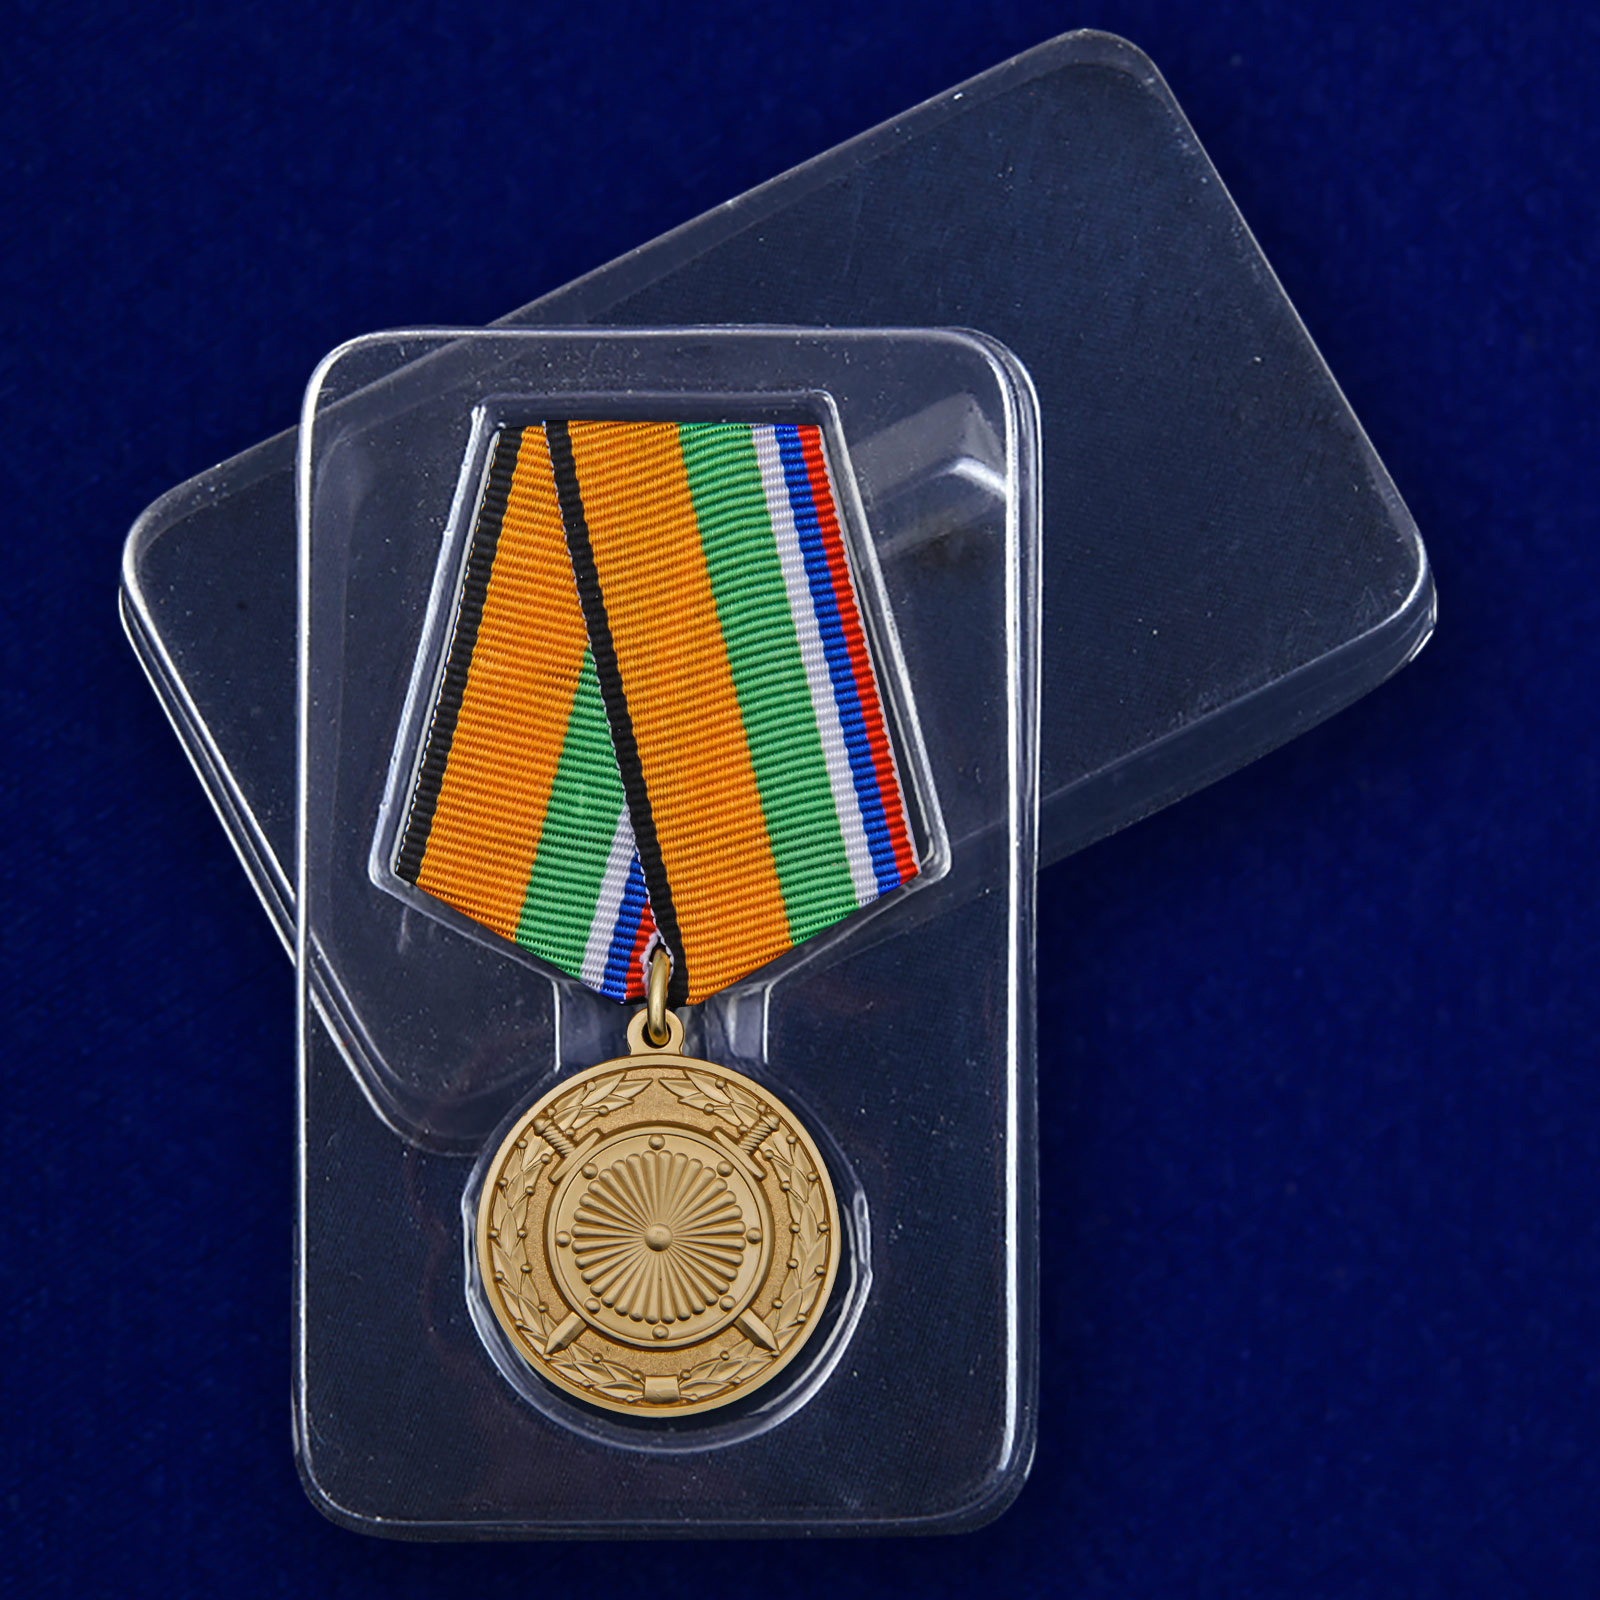 Медаль «За вклад в укрепление обороны РФ» с доставкой